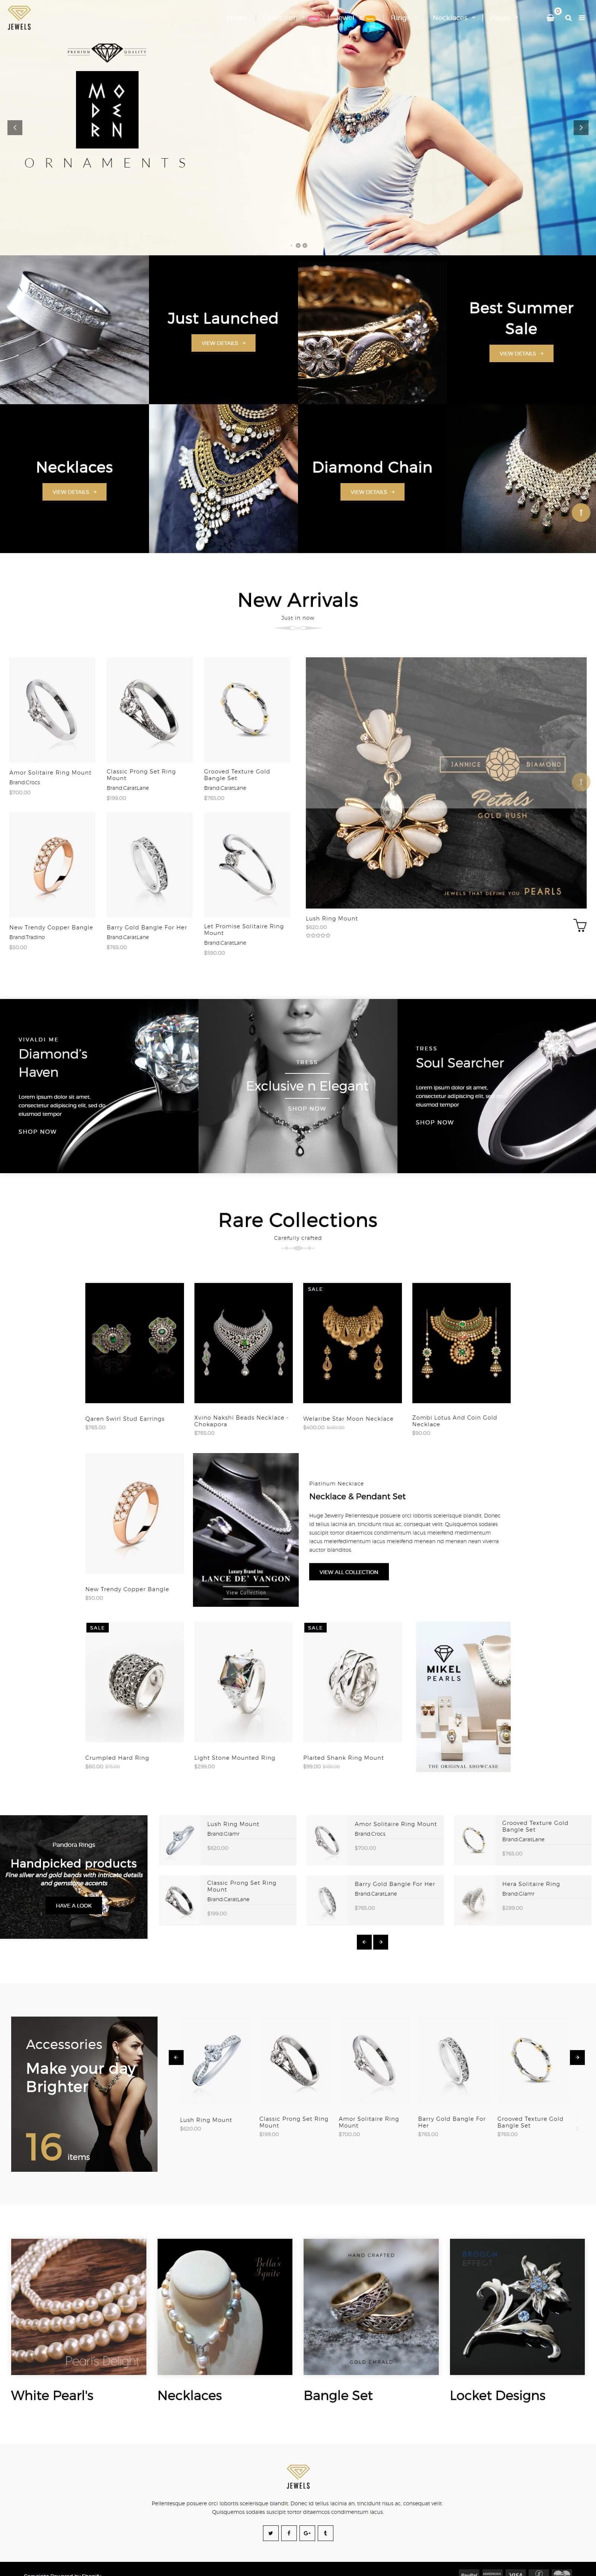 Mẫu website bán nhẫn, nữ trang đẹp mắt, chuyên nghiệp, sang chảnh